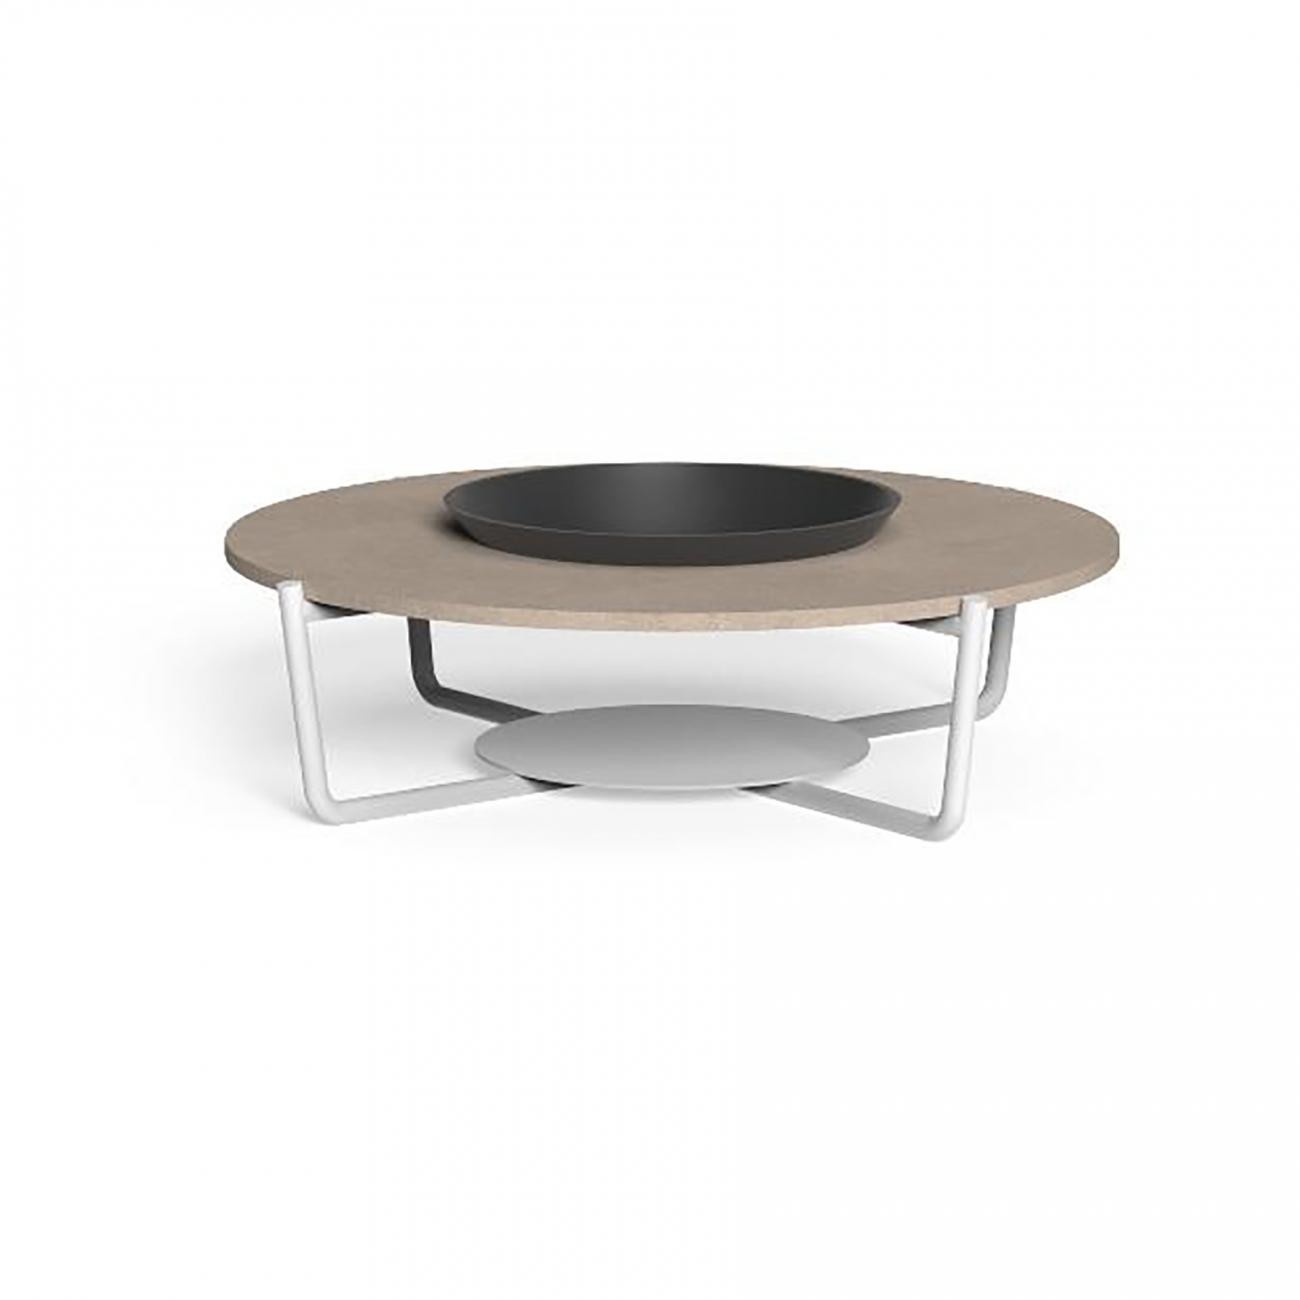 Talenti Domino round coffee table